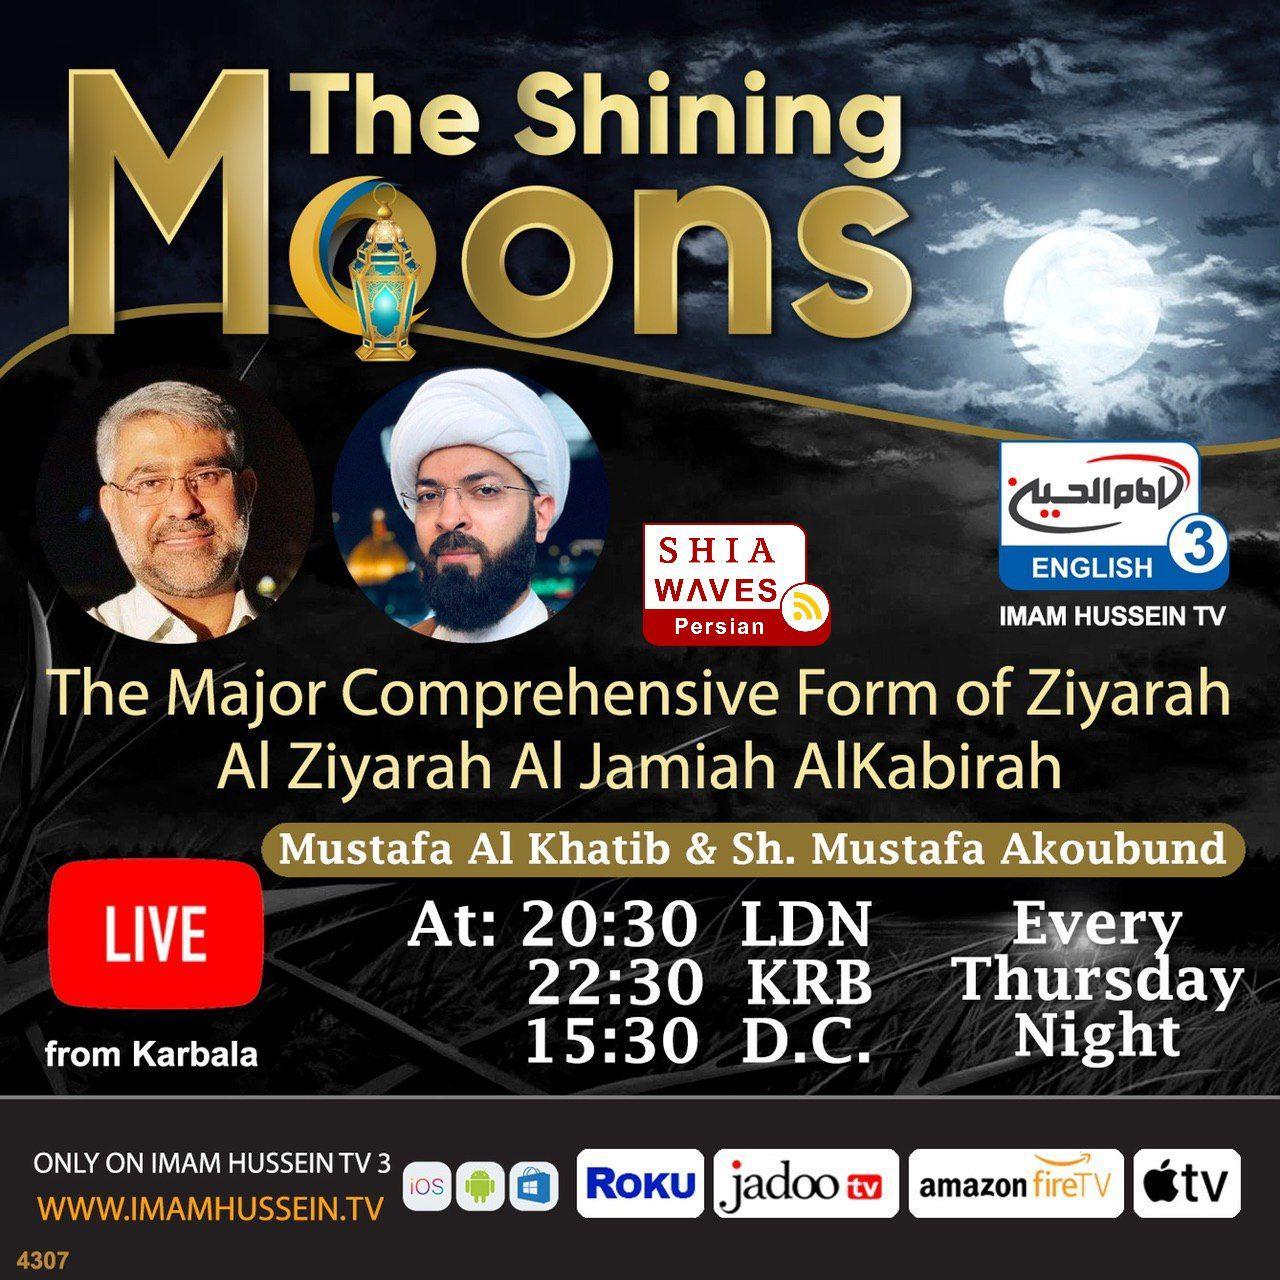 تصویر پخش زنده برنامه The Shininig Moons از شبكه امام حسين ٣